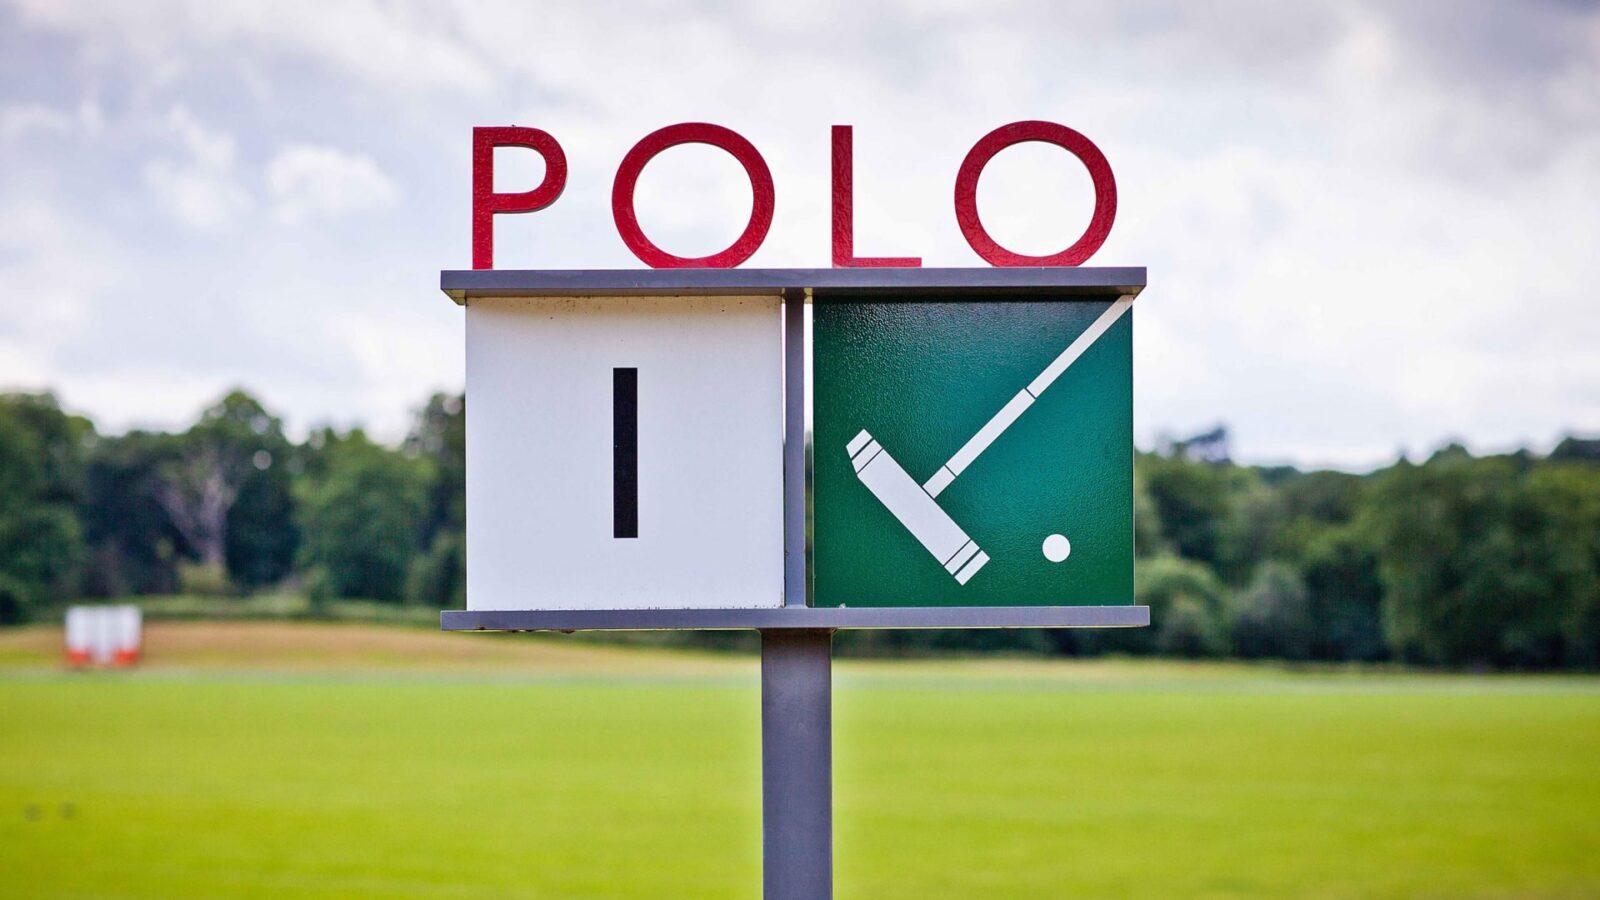 Polo fixtures